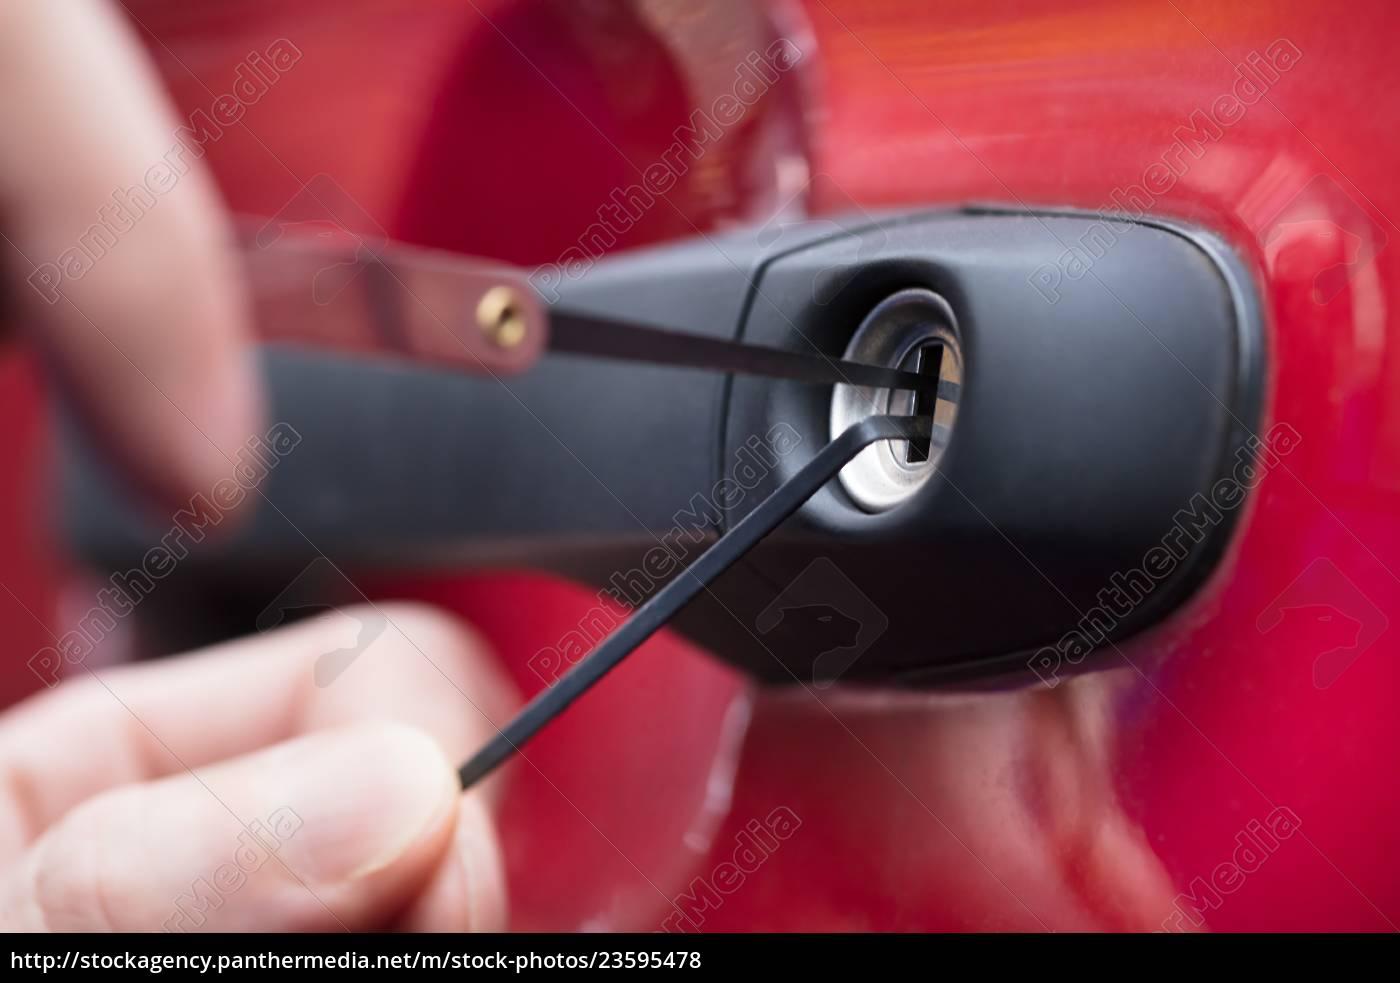 human, hand, opening, car's, door, with - 23595478